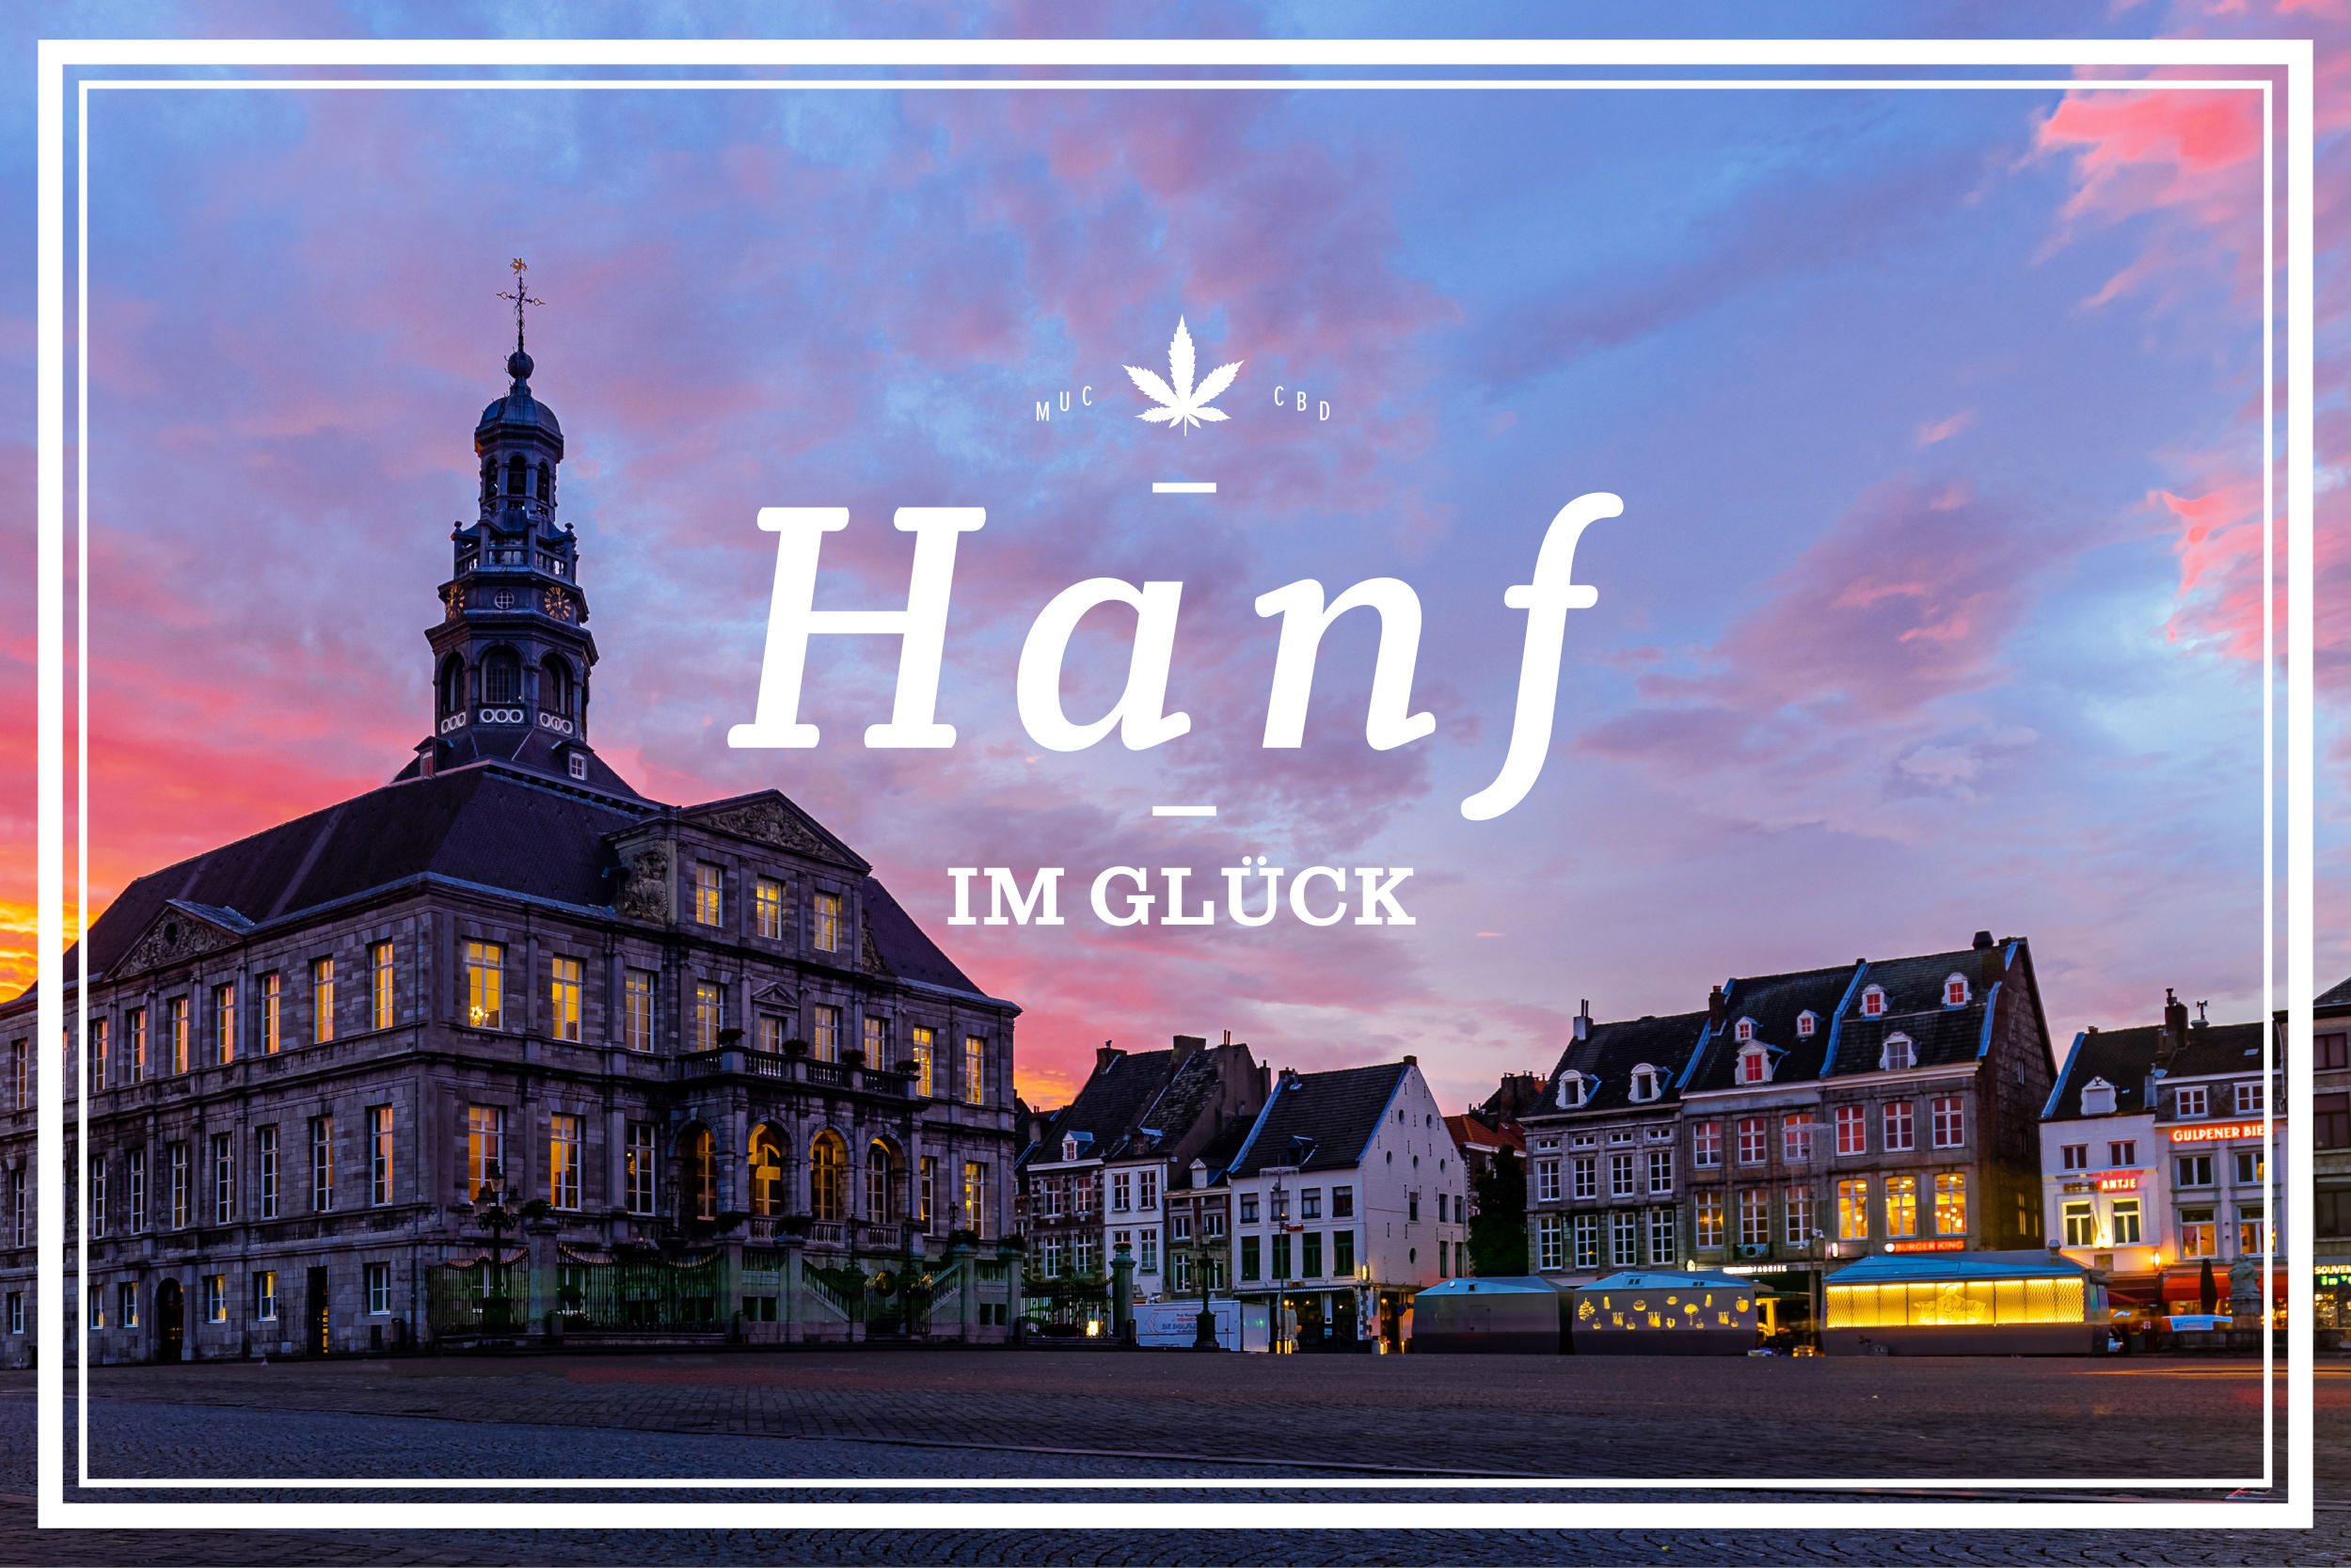 Hanf im Glück Maastricht